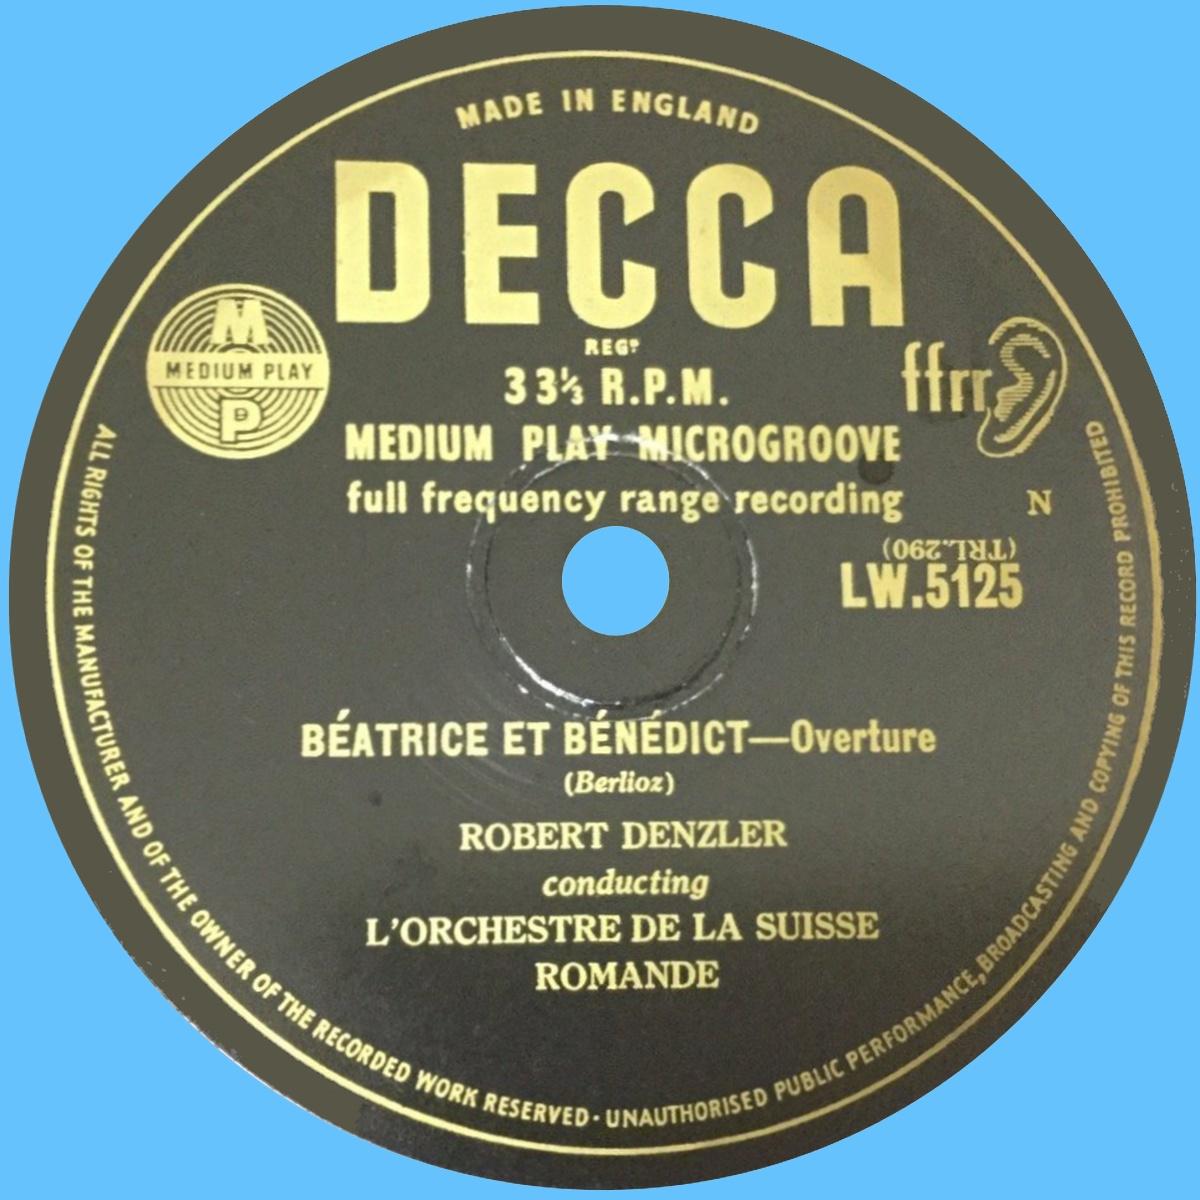 Étiquette du verso du disque Decca LW 5125